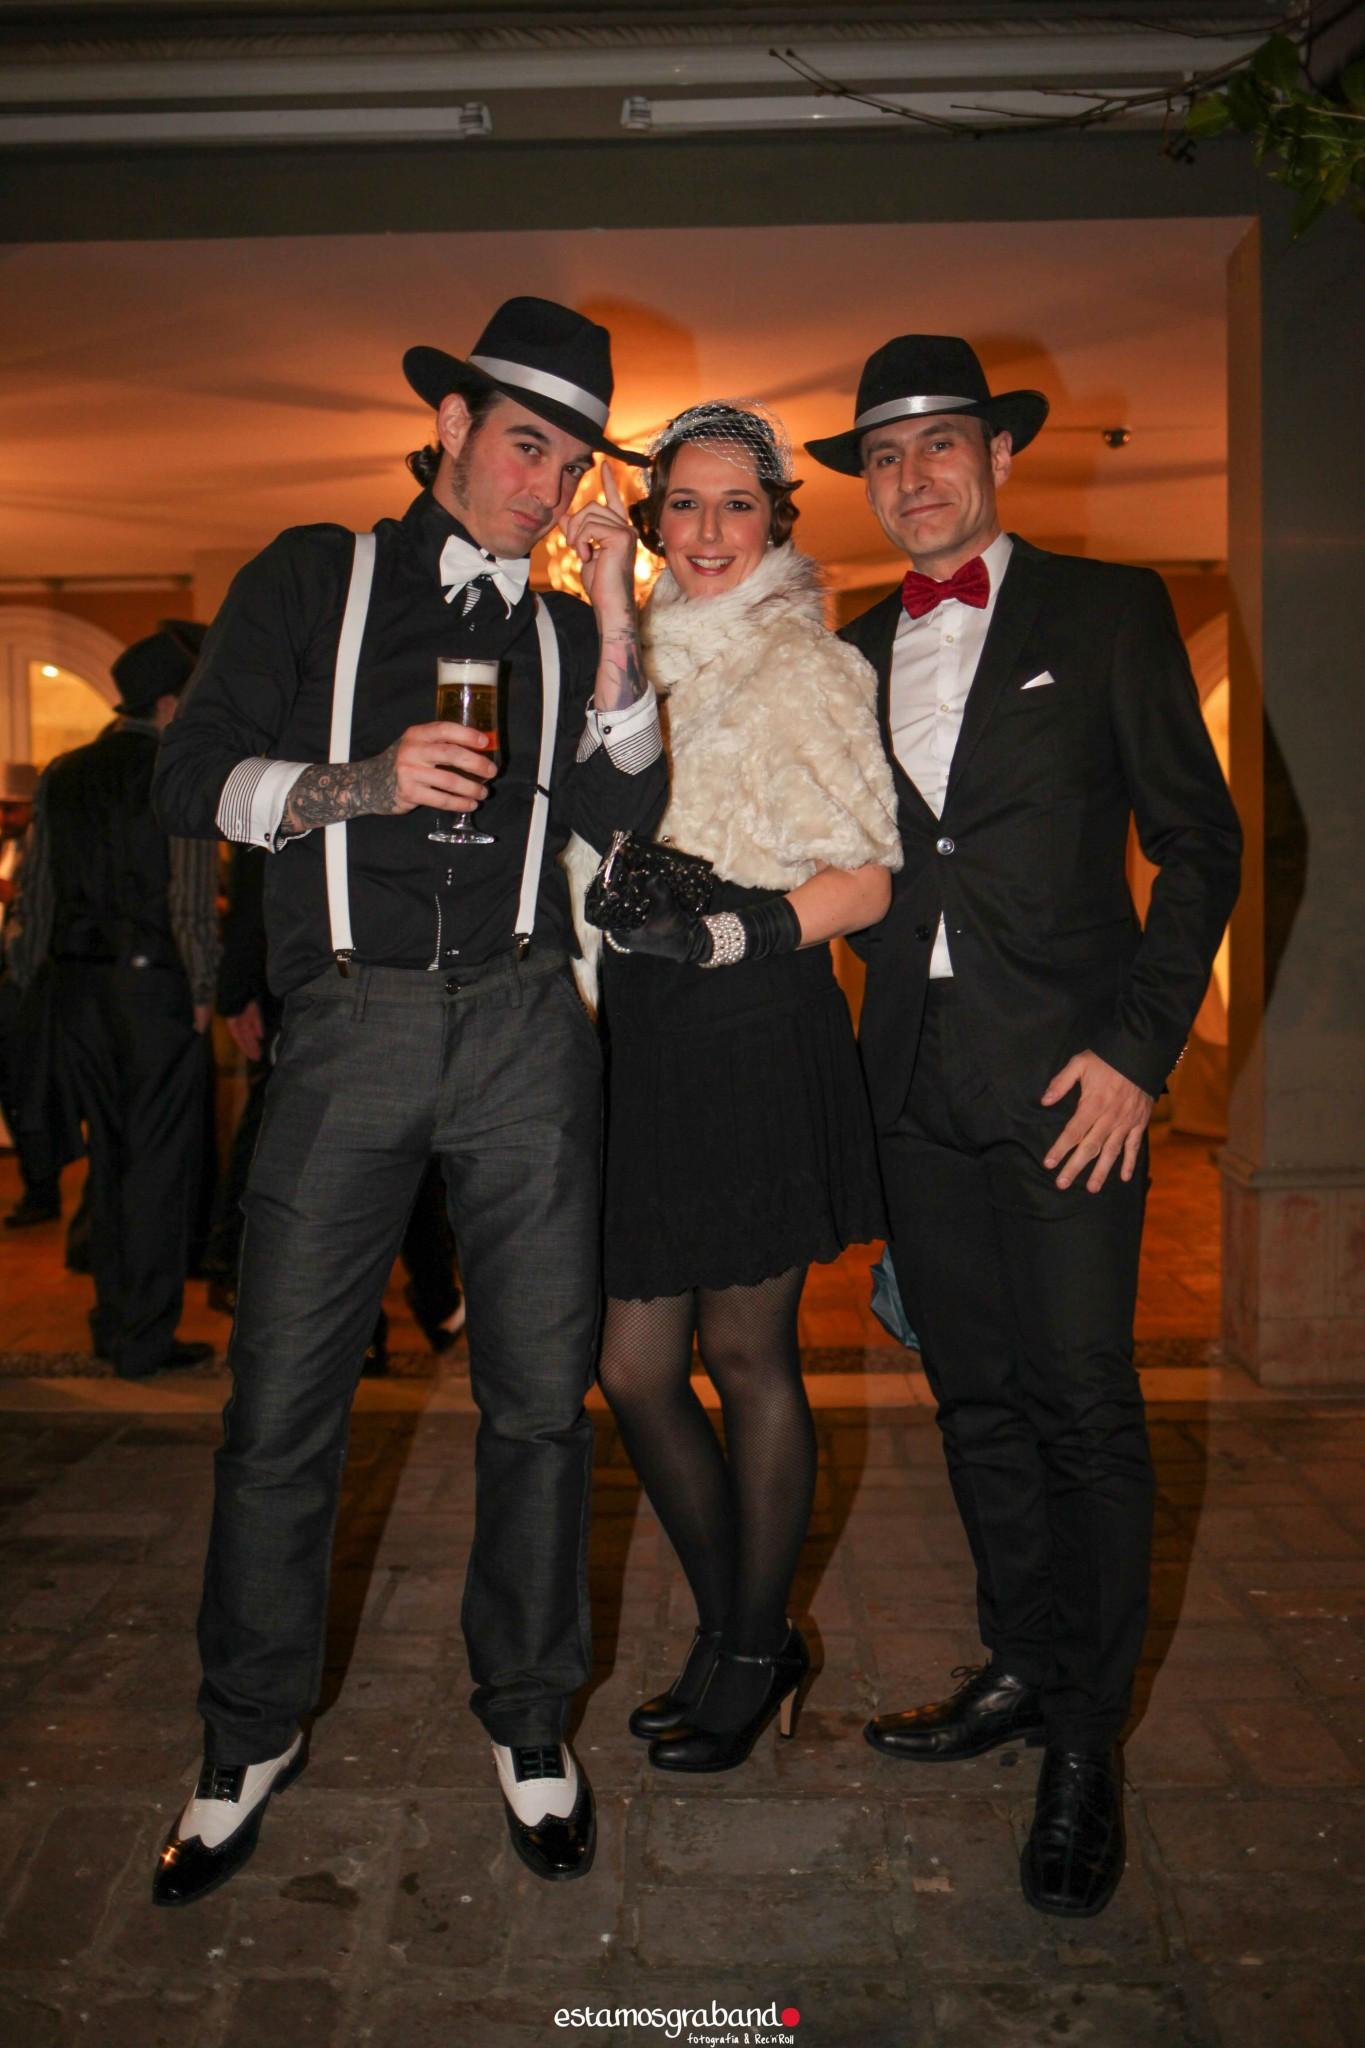 Fali-Bea-22-de-78 Fiesta Años 20 [La Teta de Julieta, Cádiz] - video boda cadiz